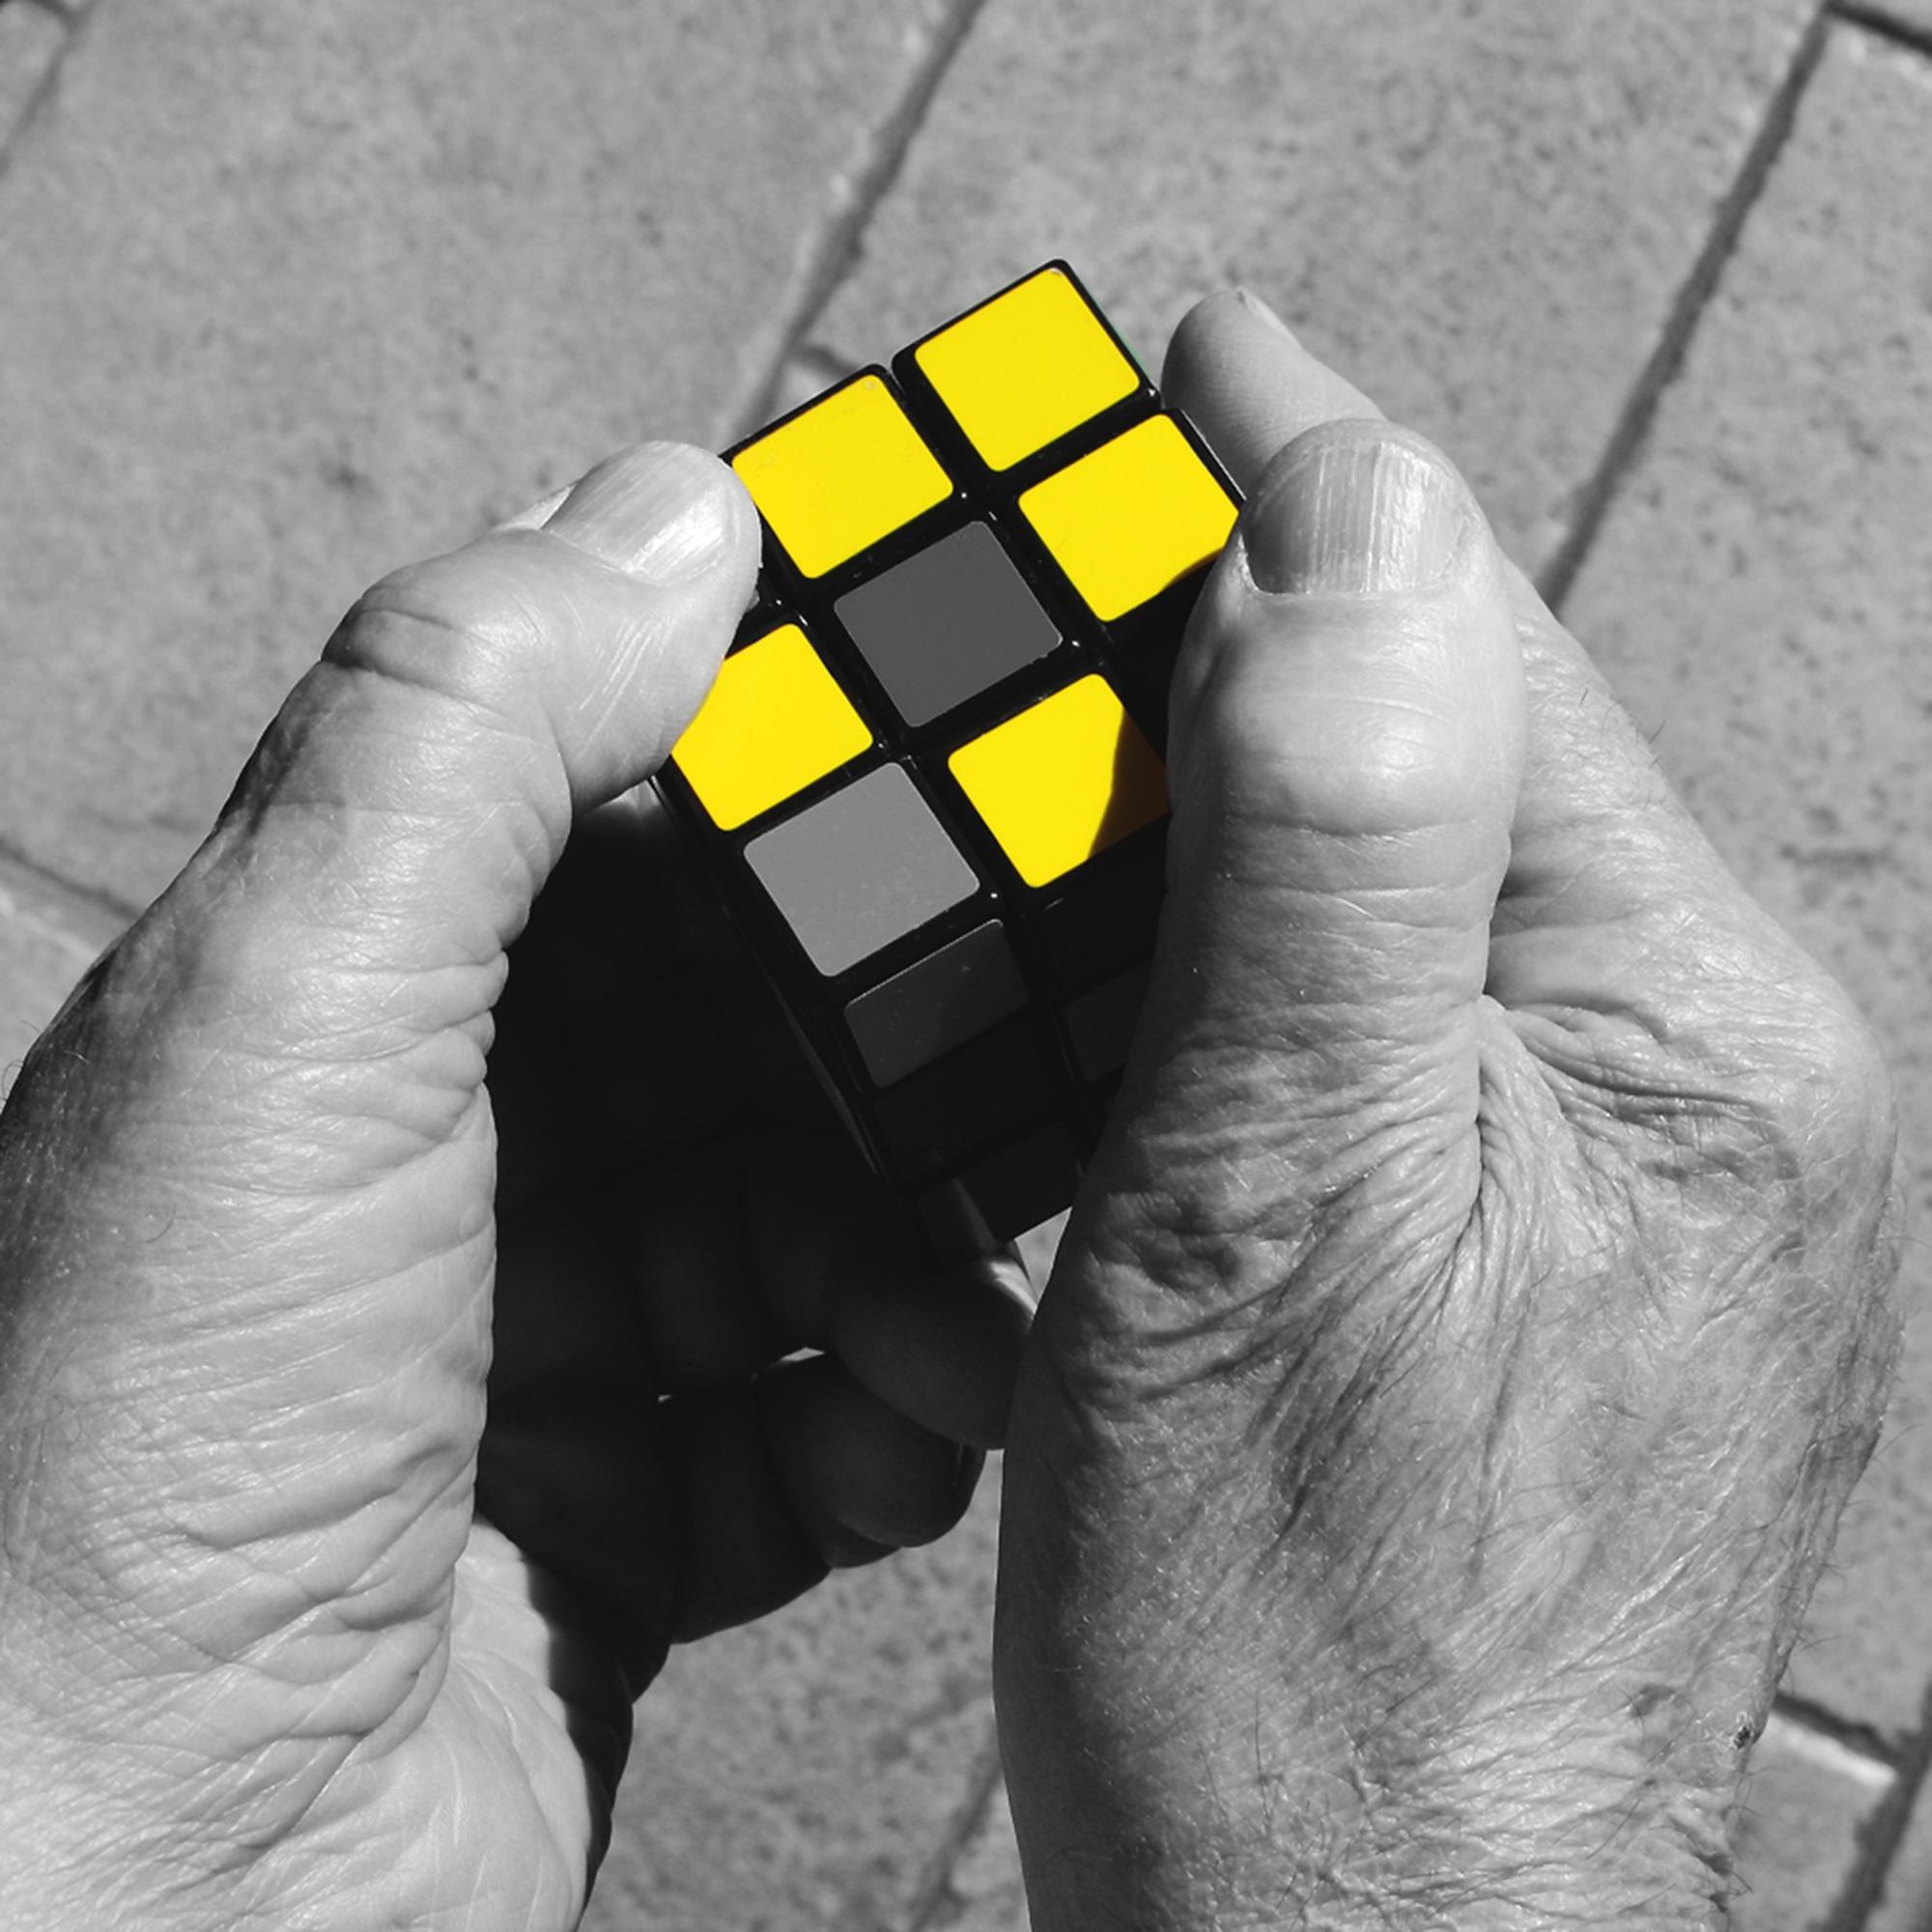 Игрушка рубика своими руками